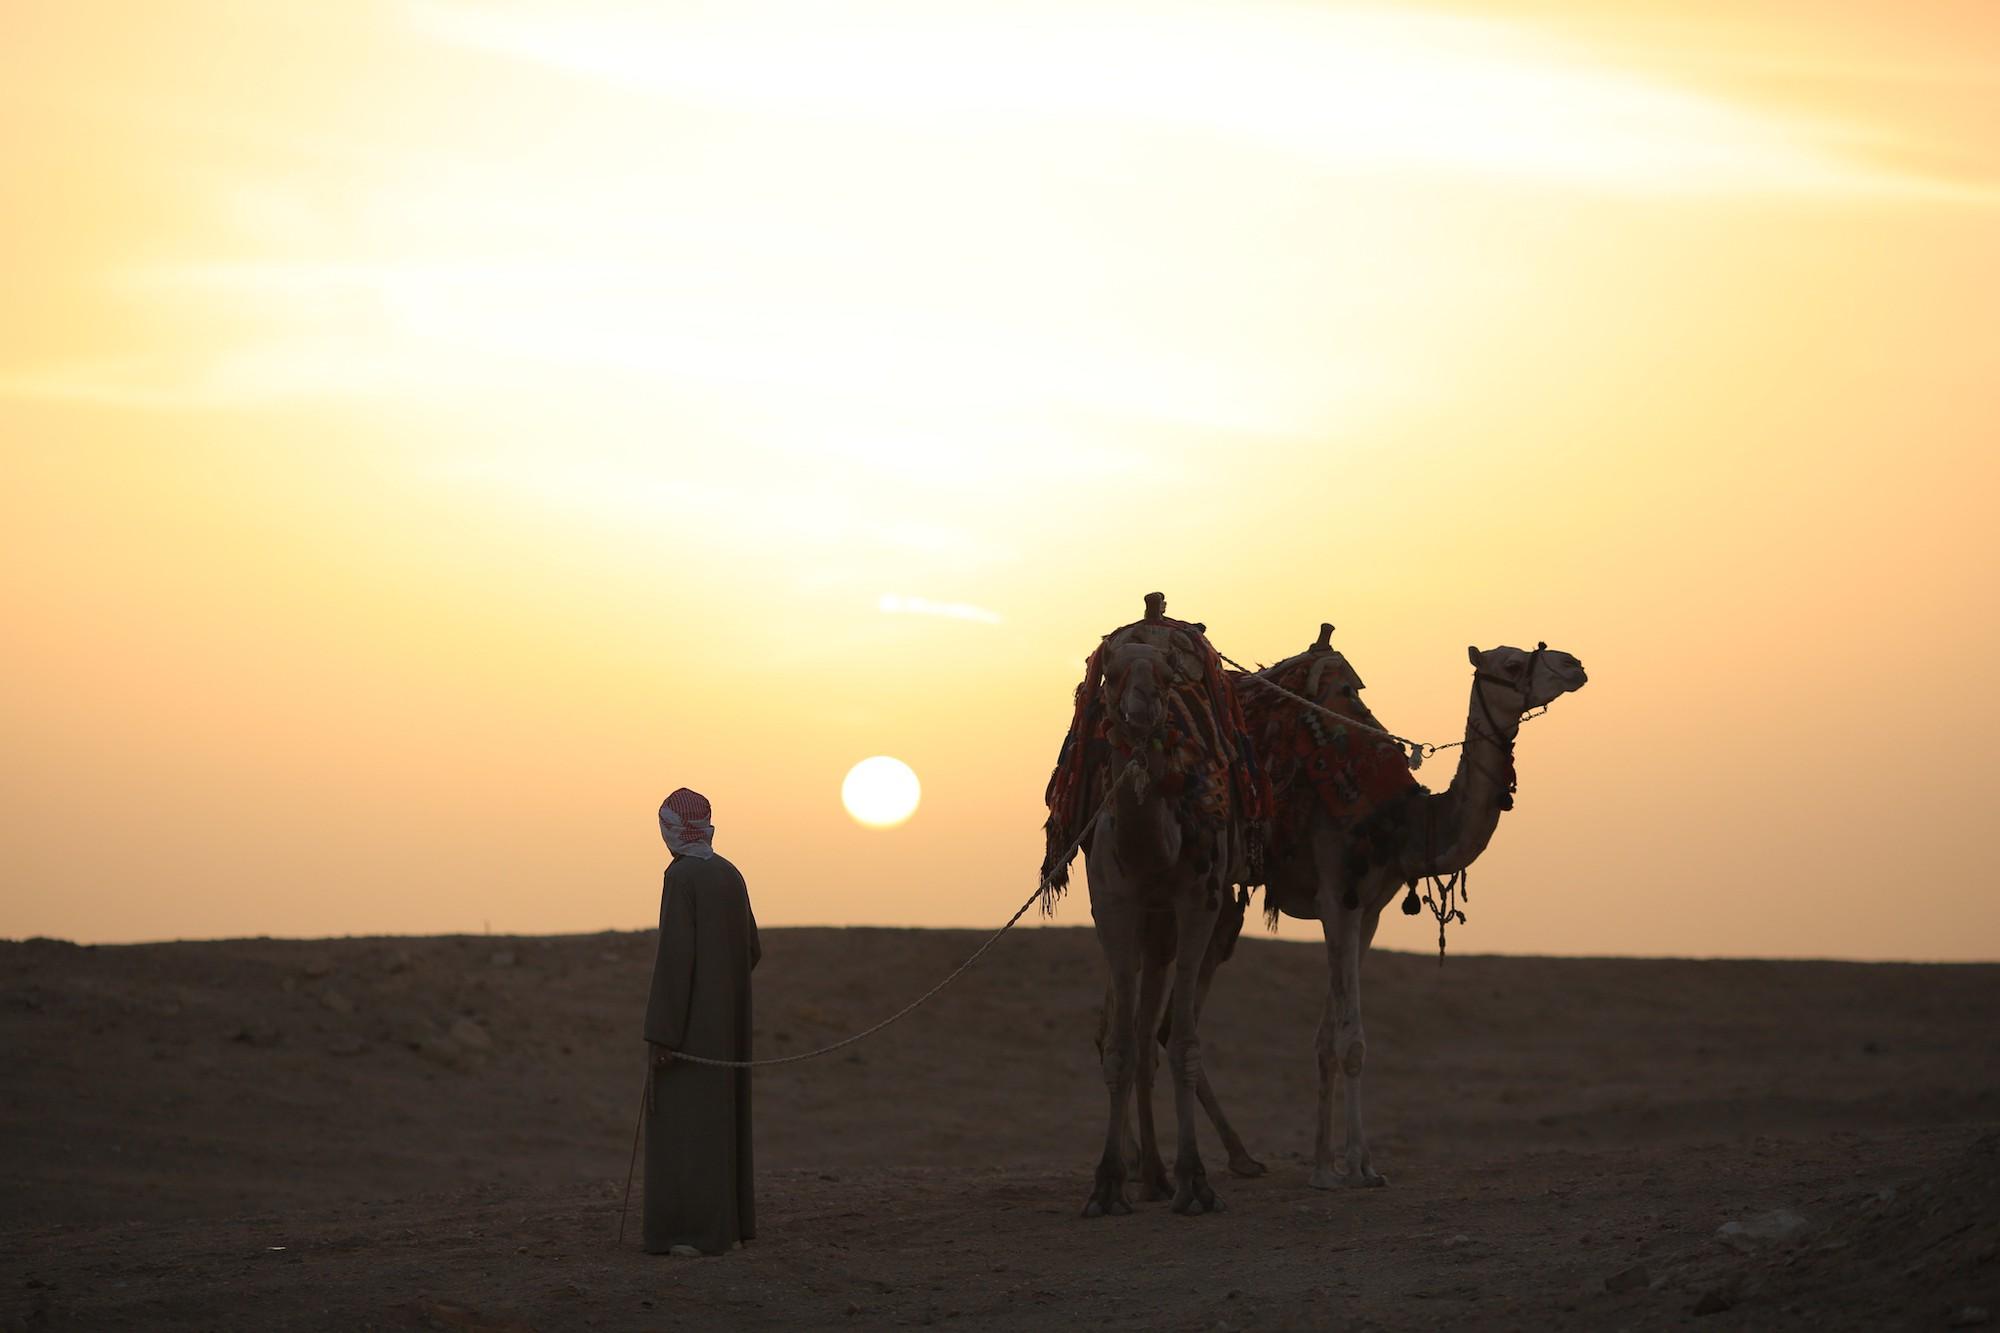 Ai Cập đẹp hơn tất cả những gì chúng ta vẫn tưởng tượng trong bộ ảnh mới nhất của Tâm Bùi - Ảnh 14.